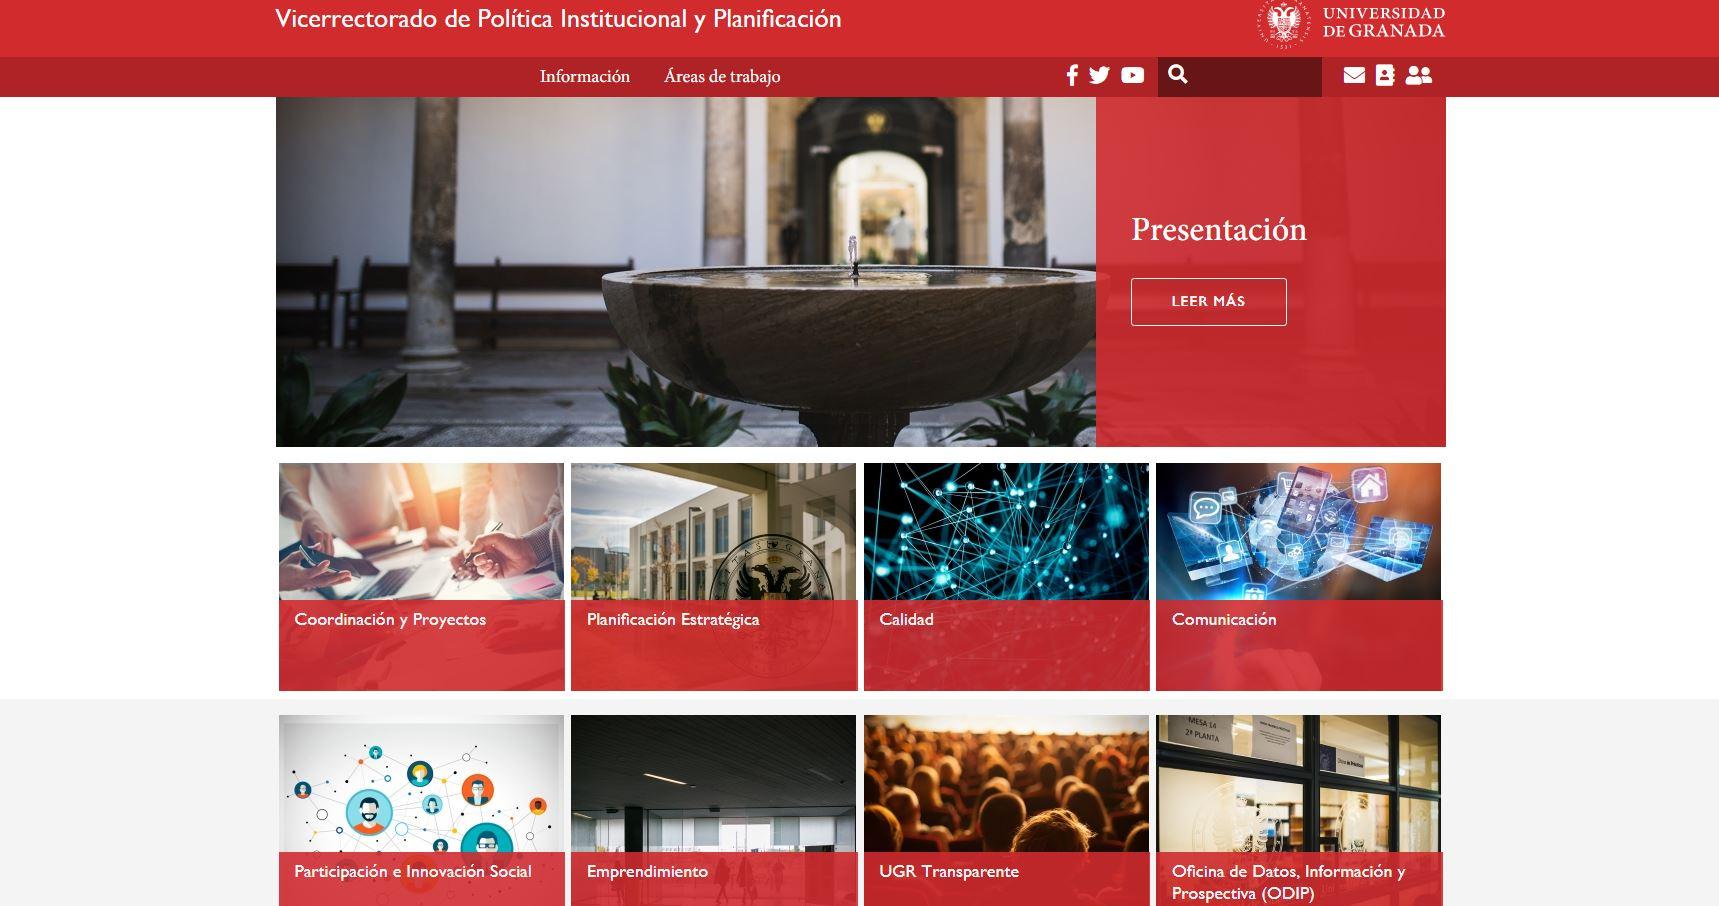 Ya disponible la web del Vicerrectorado de Política Institucional y Planificación